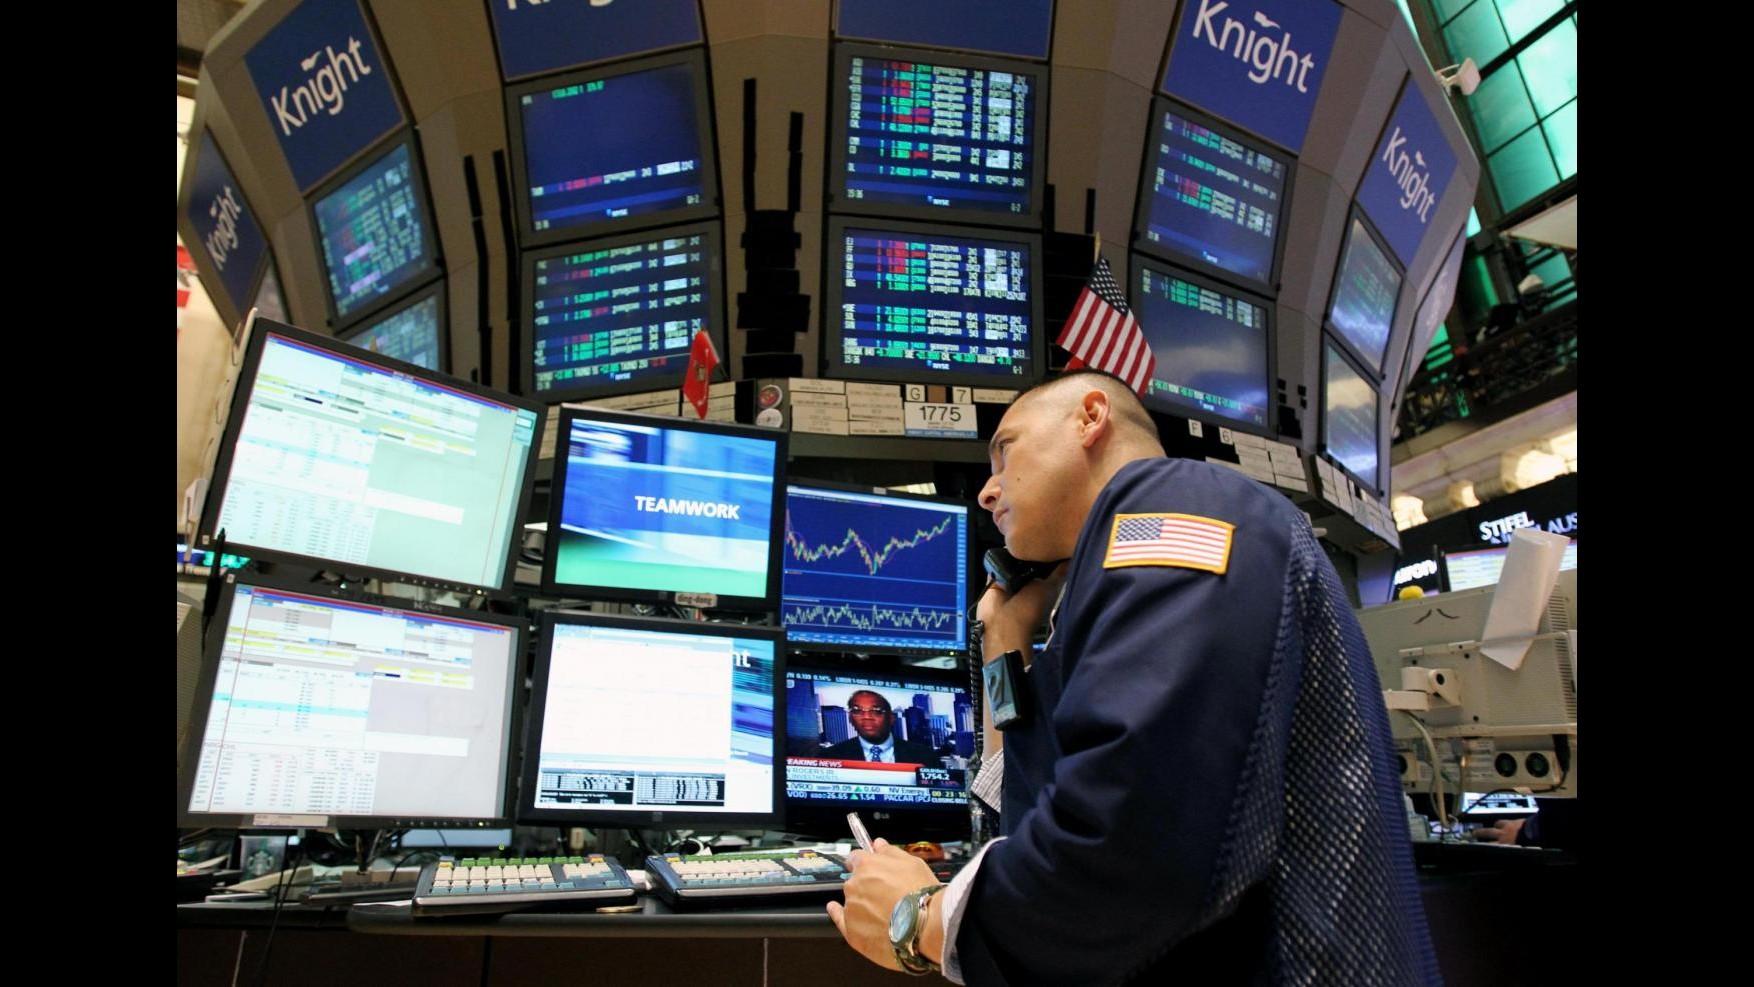 Borsa, partenza molto positiva per Piazza Affari: Mib +1.71%